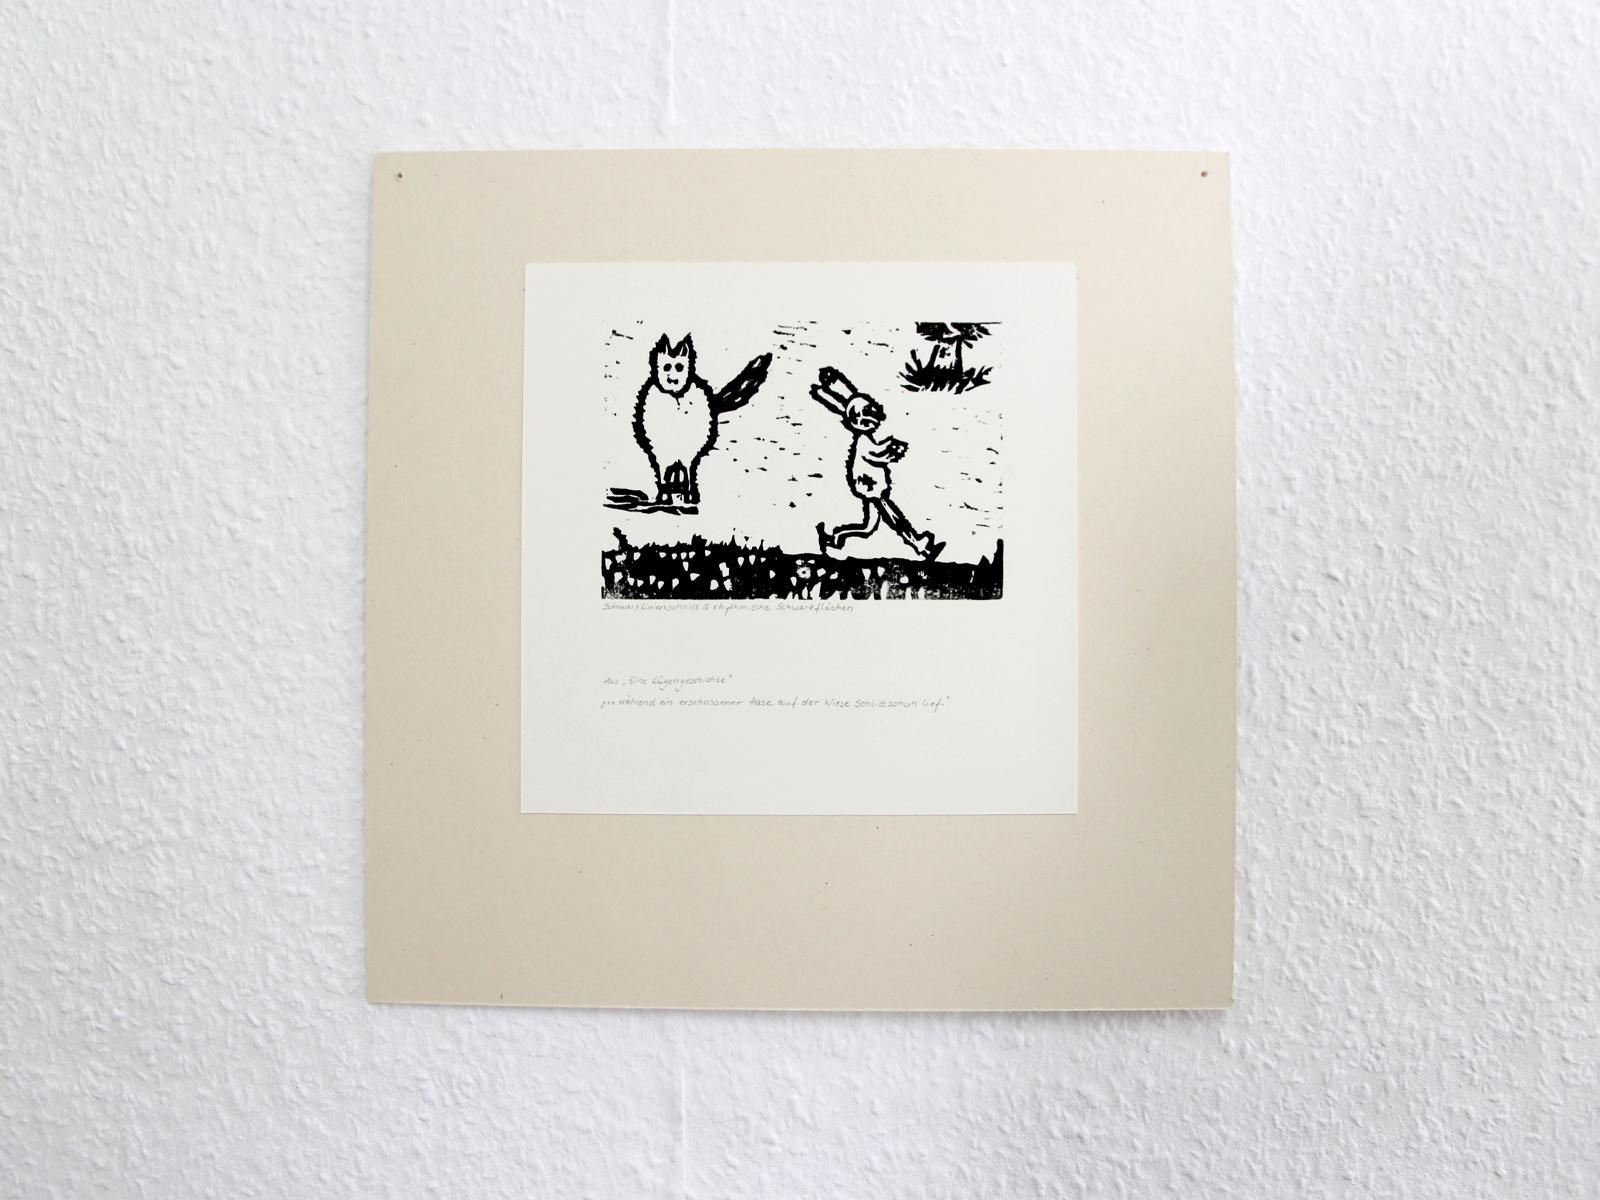 Kunstgespuer Kinderatelier-Ausstellung-Fantasievolle-Druckgrafik-Plastik Luegengeschichte 7